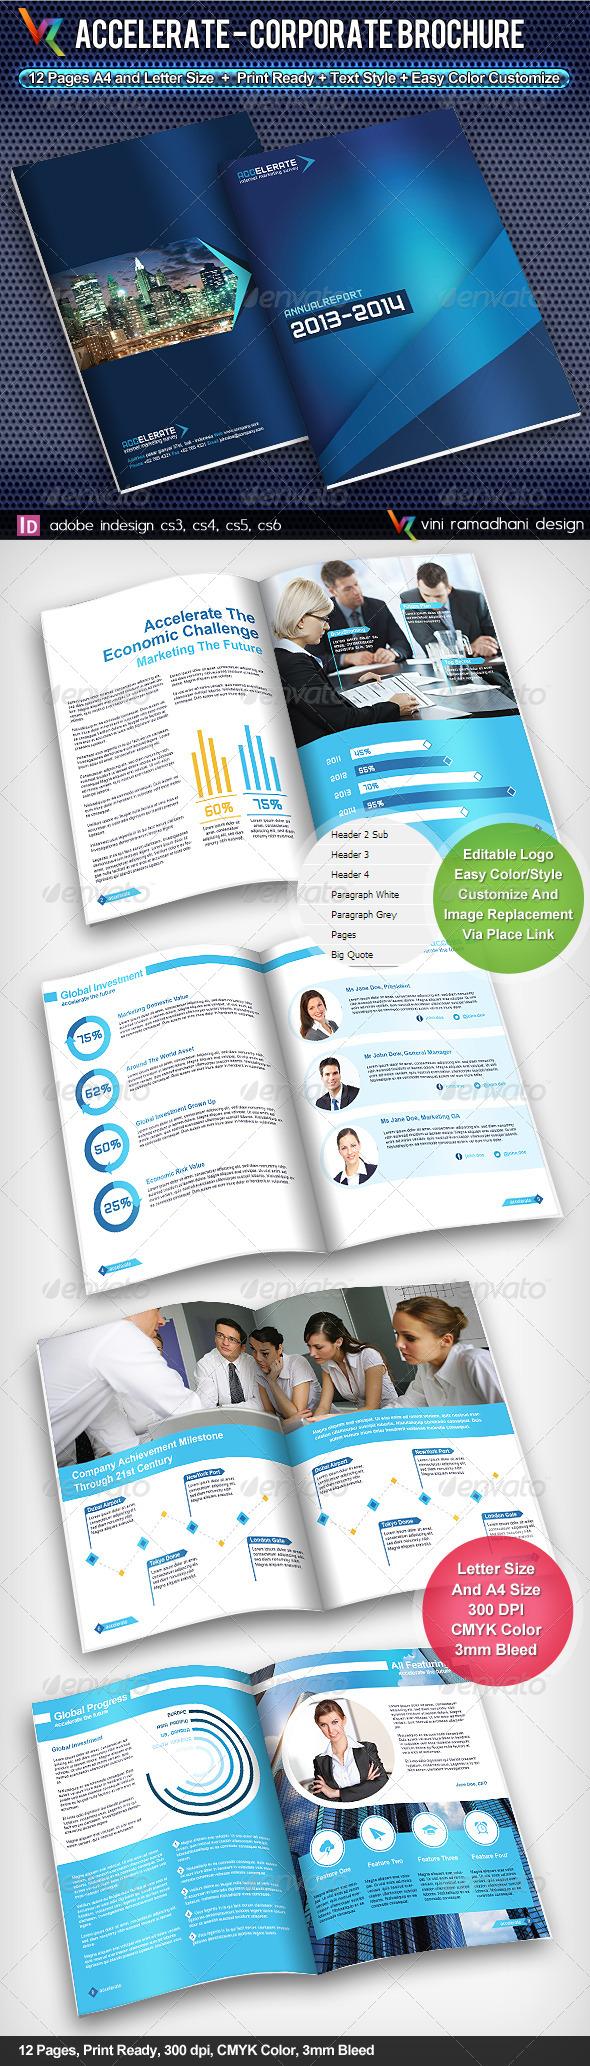 Accelerate Corporate Brochure - Corporate Brochures